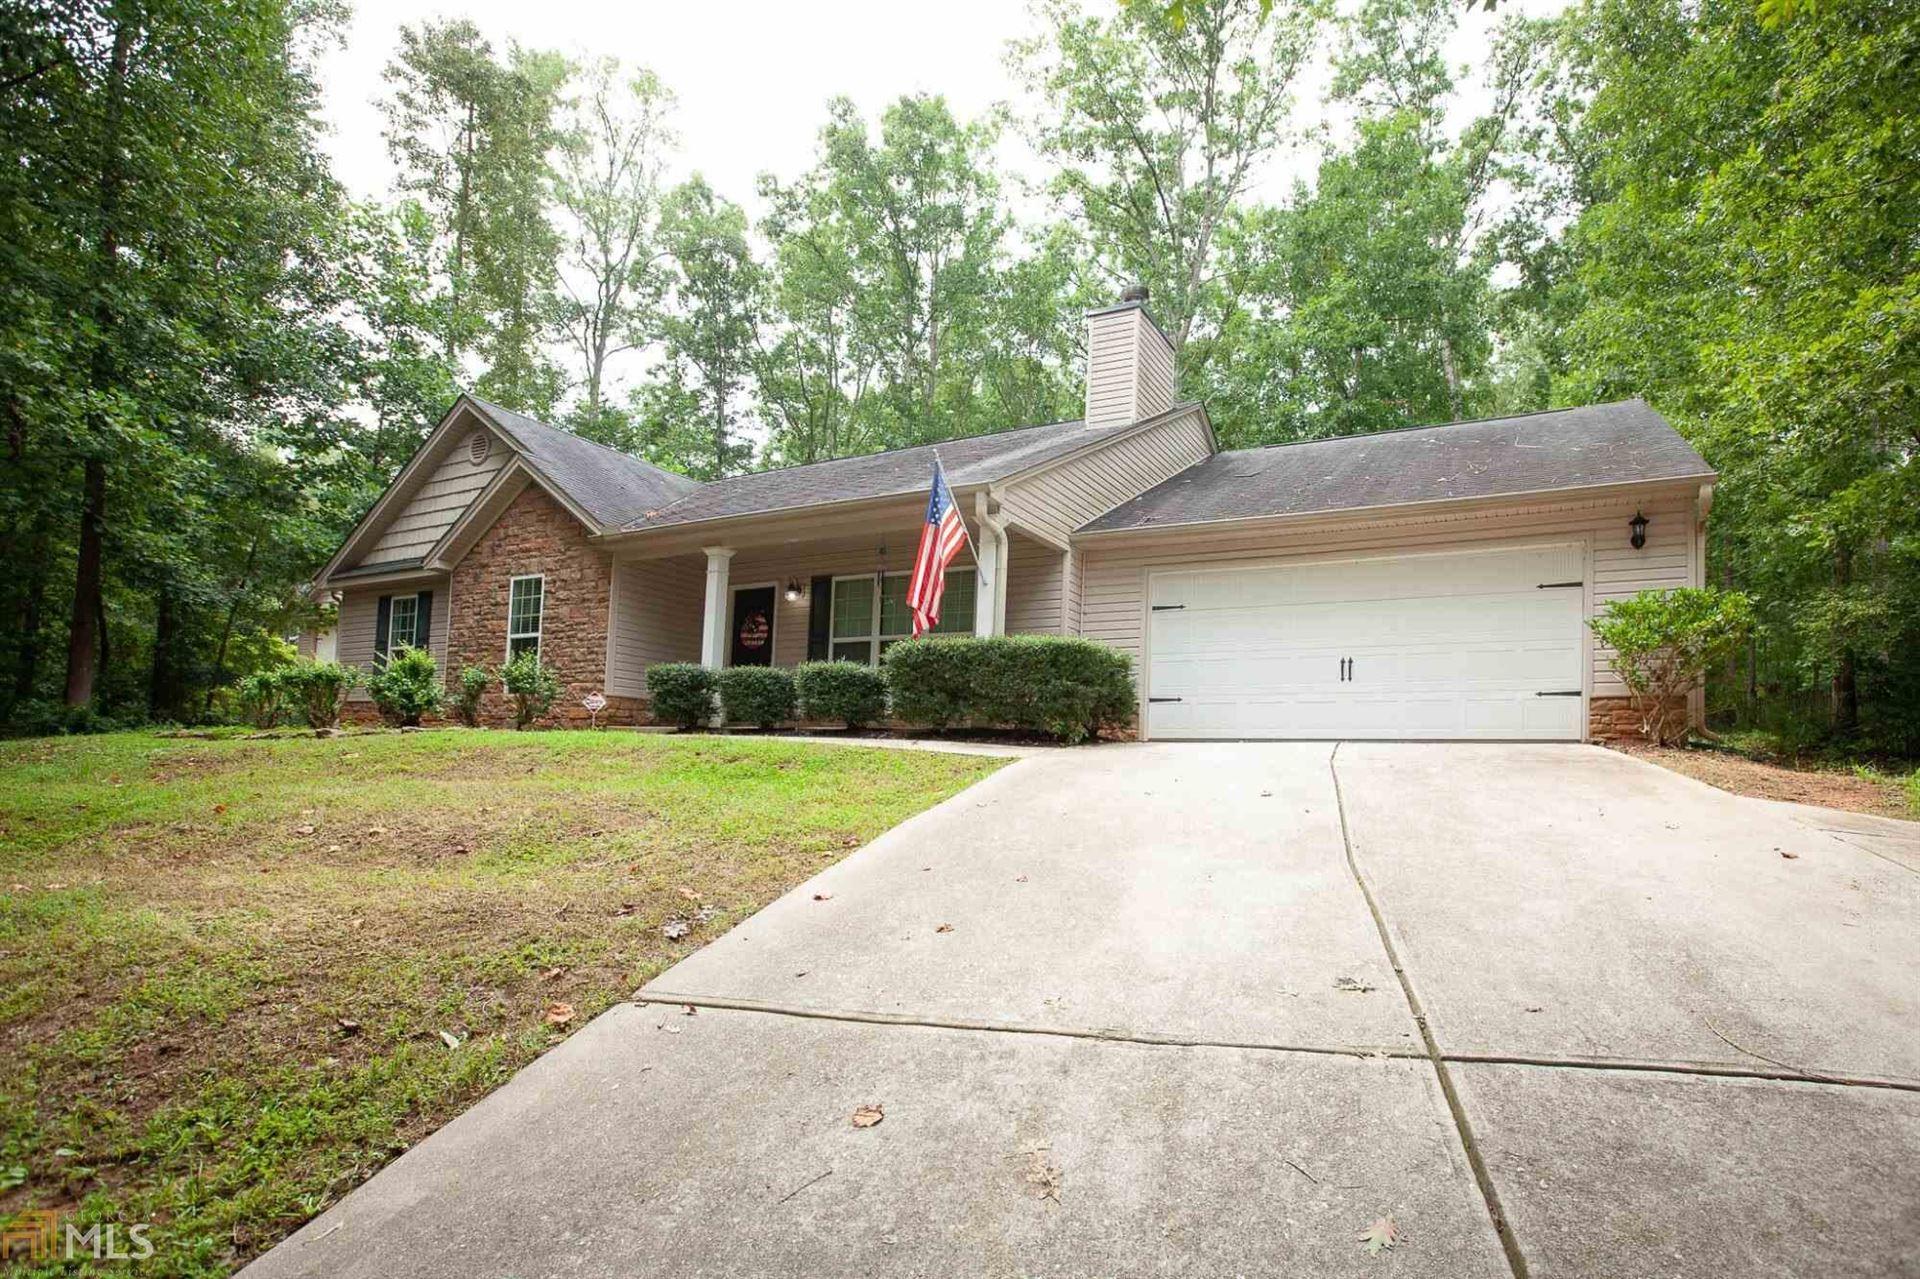 178 Oak View Dr, Hull, GA 30646 - #: 8837593